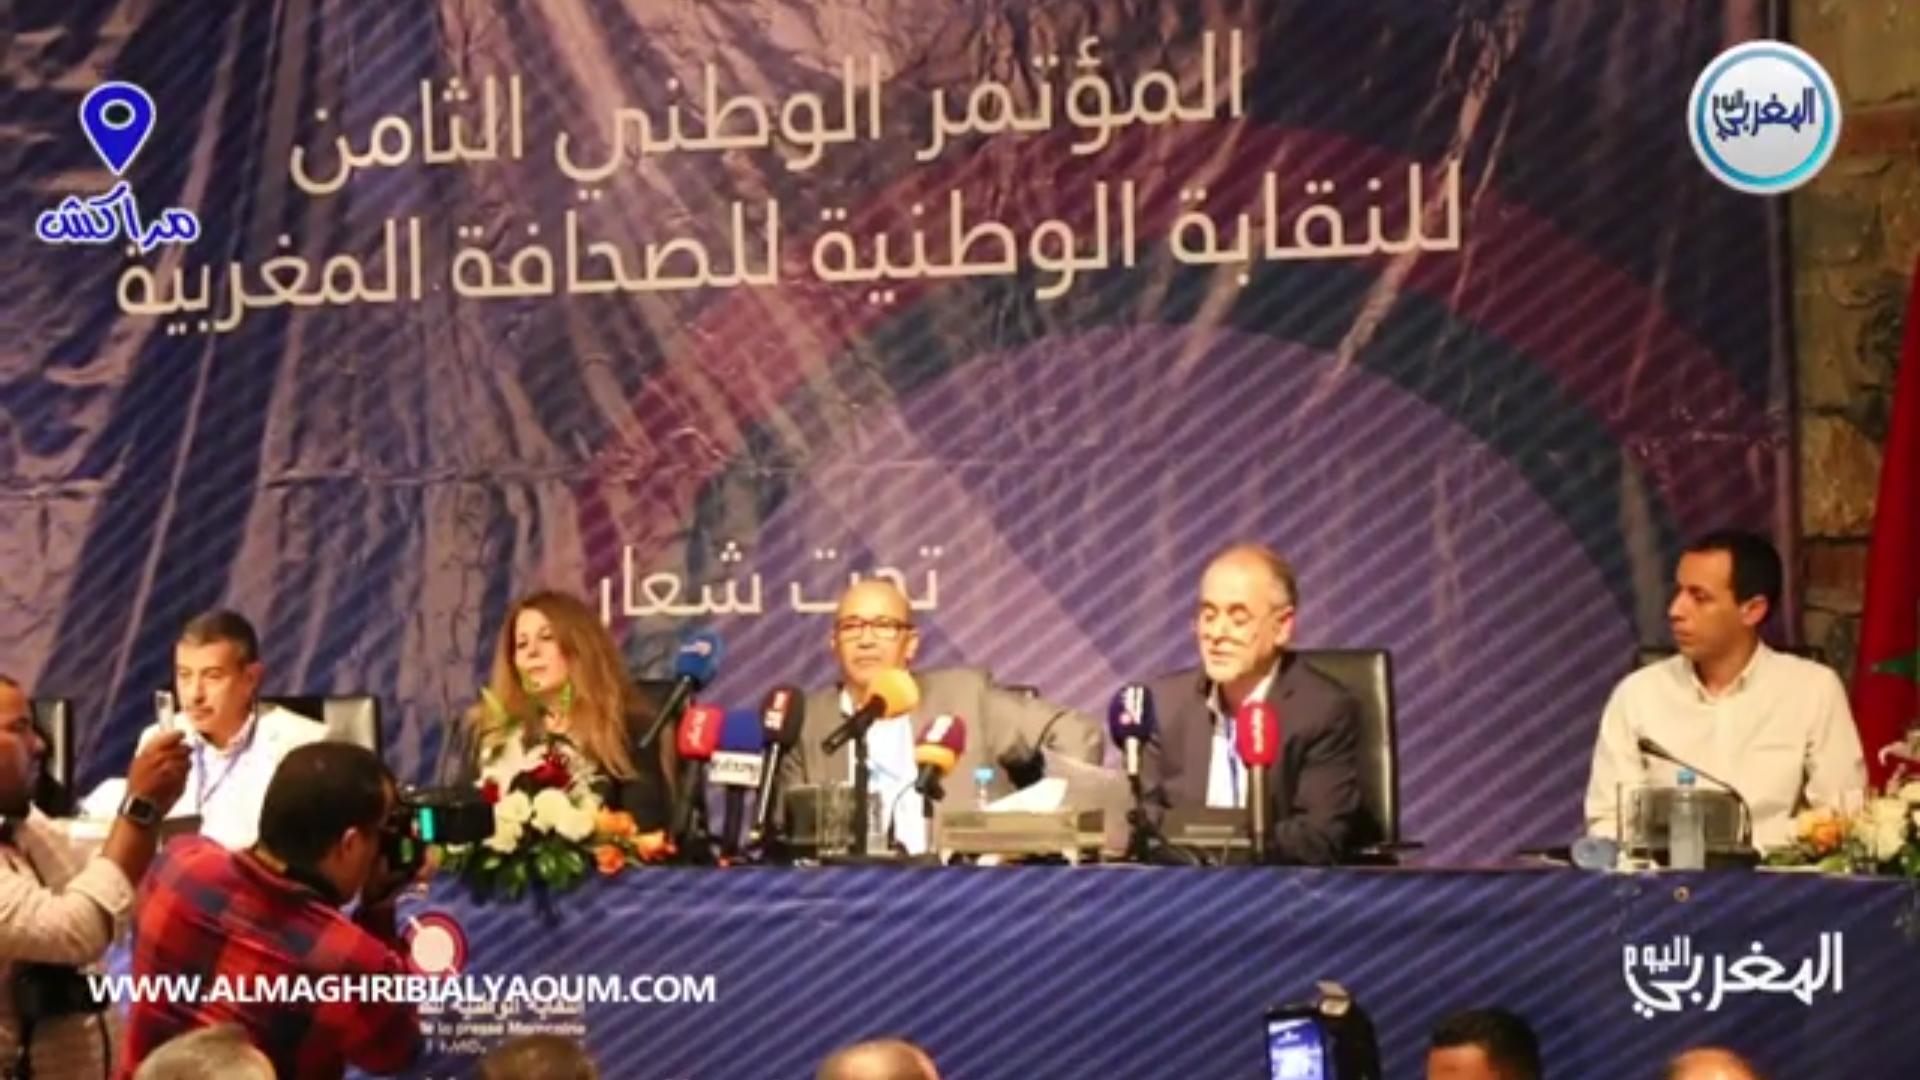 بالفيديو… أقوى لحظات المؤتمر الوطني الثامن للنقابة الوطنية للصحافة المغربية